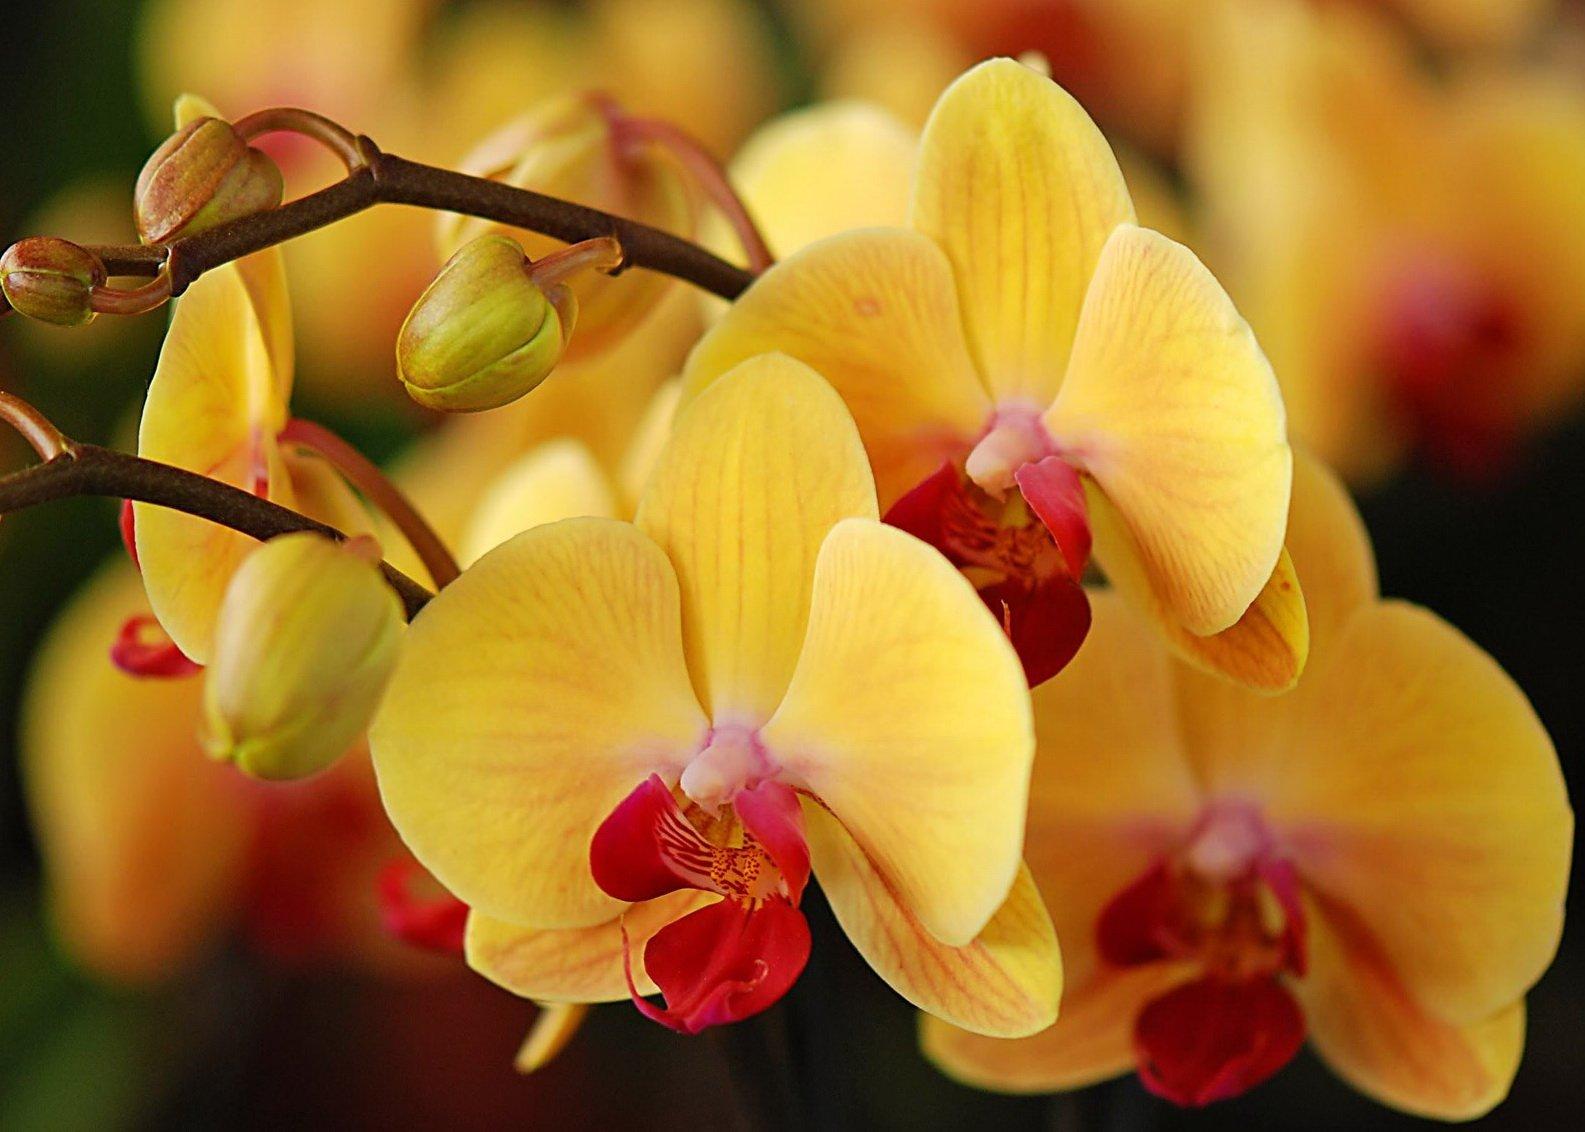 Янтарная кислота для орхидей: как применять для подкормки